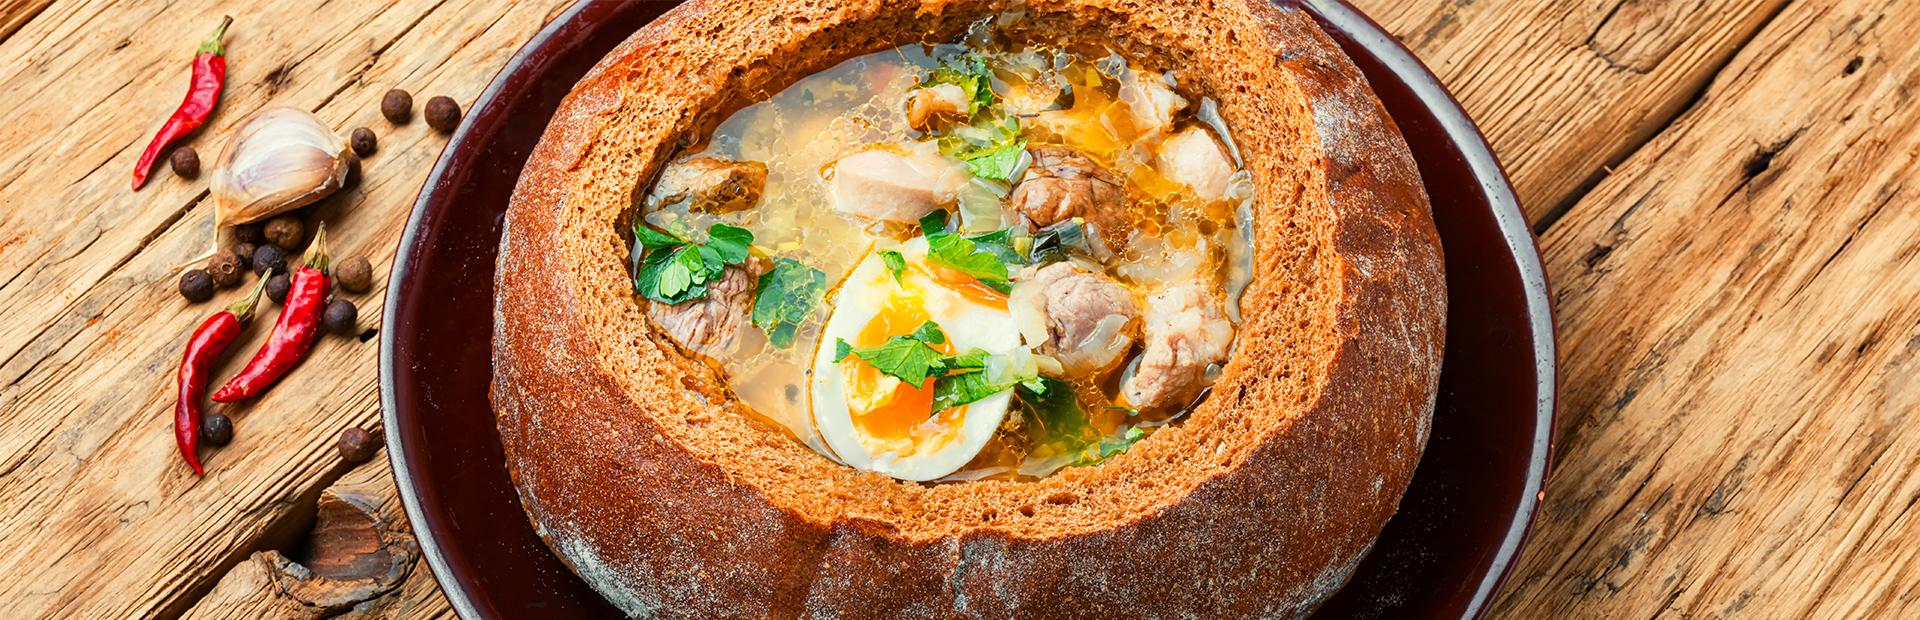 Zupa mięsna z jajkiem i włoszczyzną, podane wewnątrz okrągłego bochenka chleba. Danie mazurskie podane na stole w żeliwnej misce.